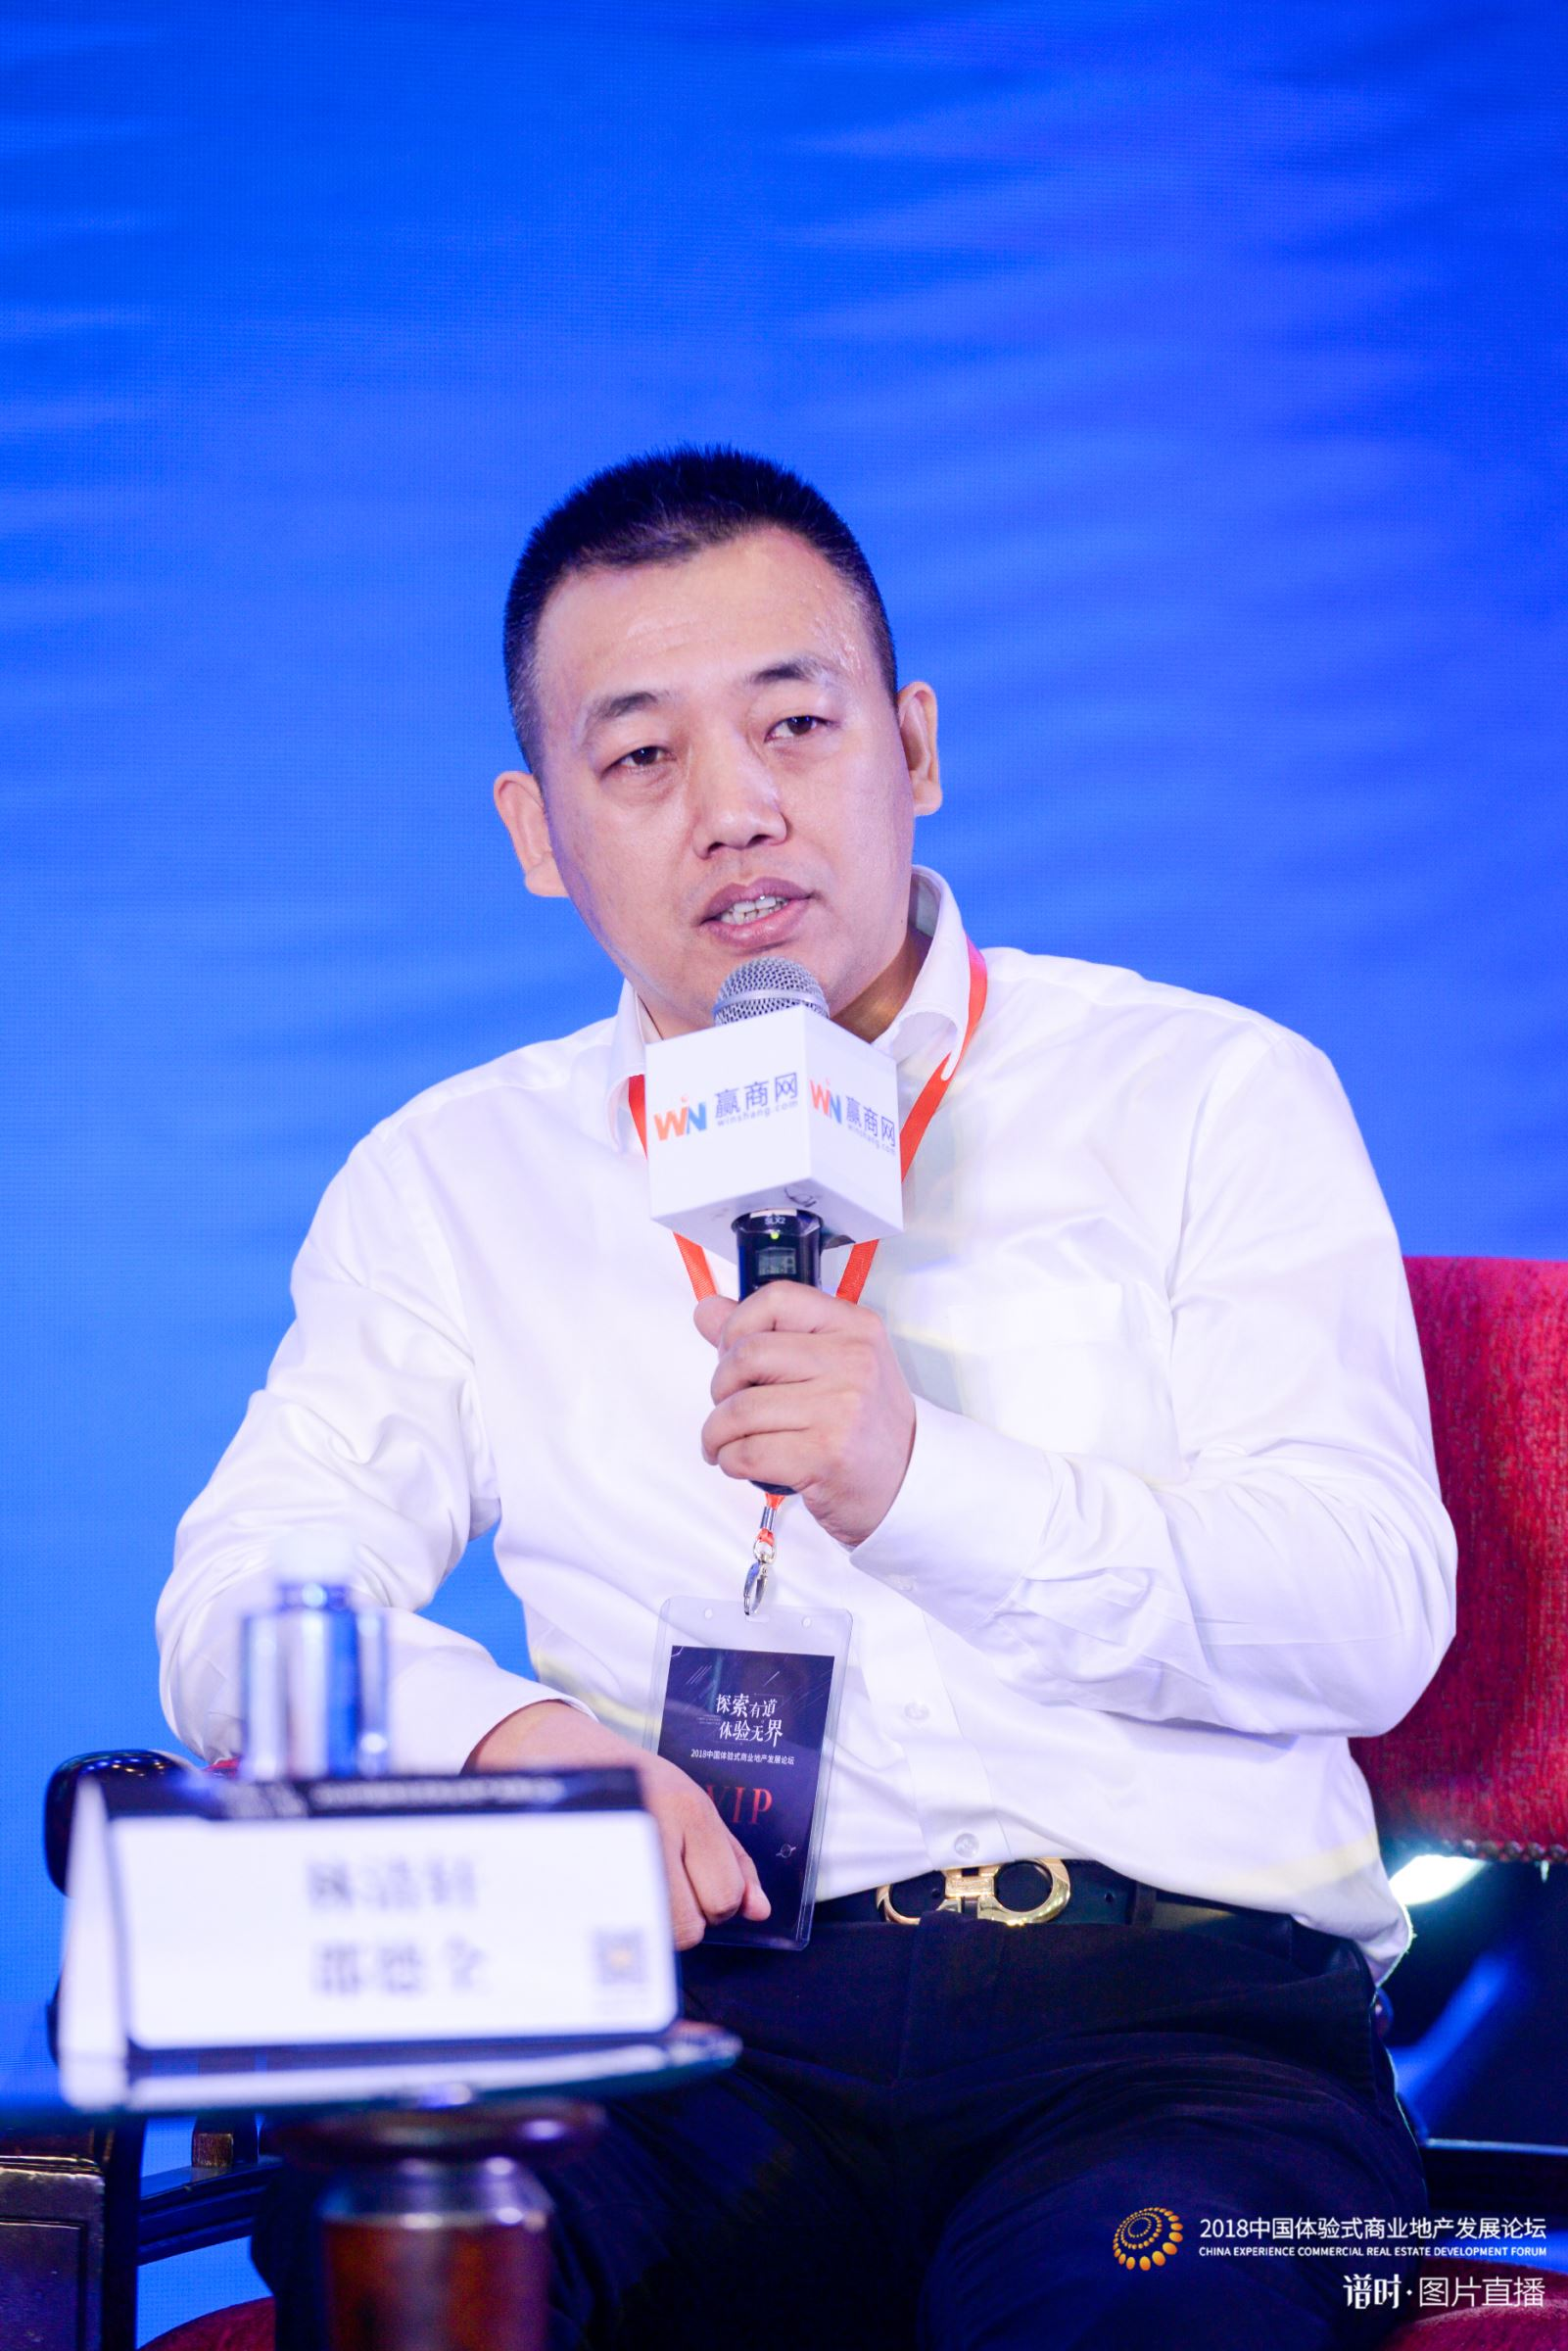 林清轩品牌合伙人兼集团副总邵德全